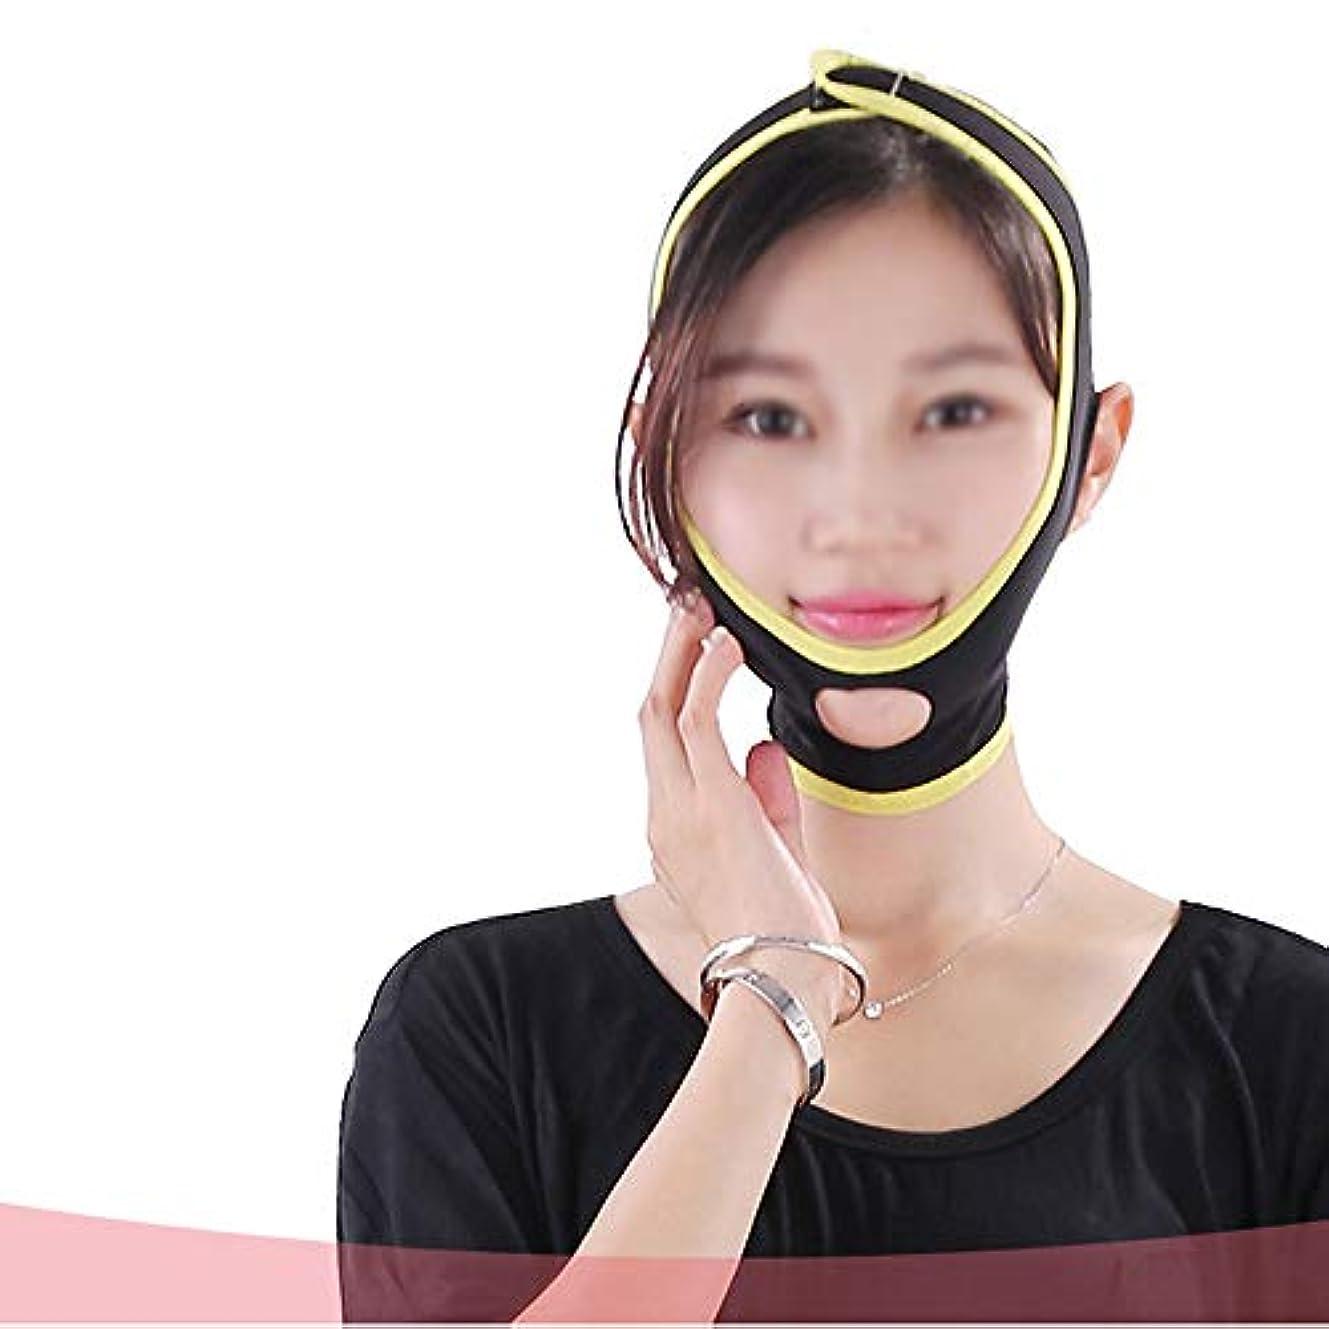 テナント若者正午TLMY 薄い顔包帯通気性睡眠小さいVフェイスマスクリフティング引き締め肌アーティファクトは二重あご顔の減量包帯を減らす 顔用整形マスク (Size : L)